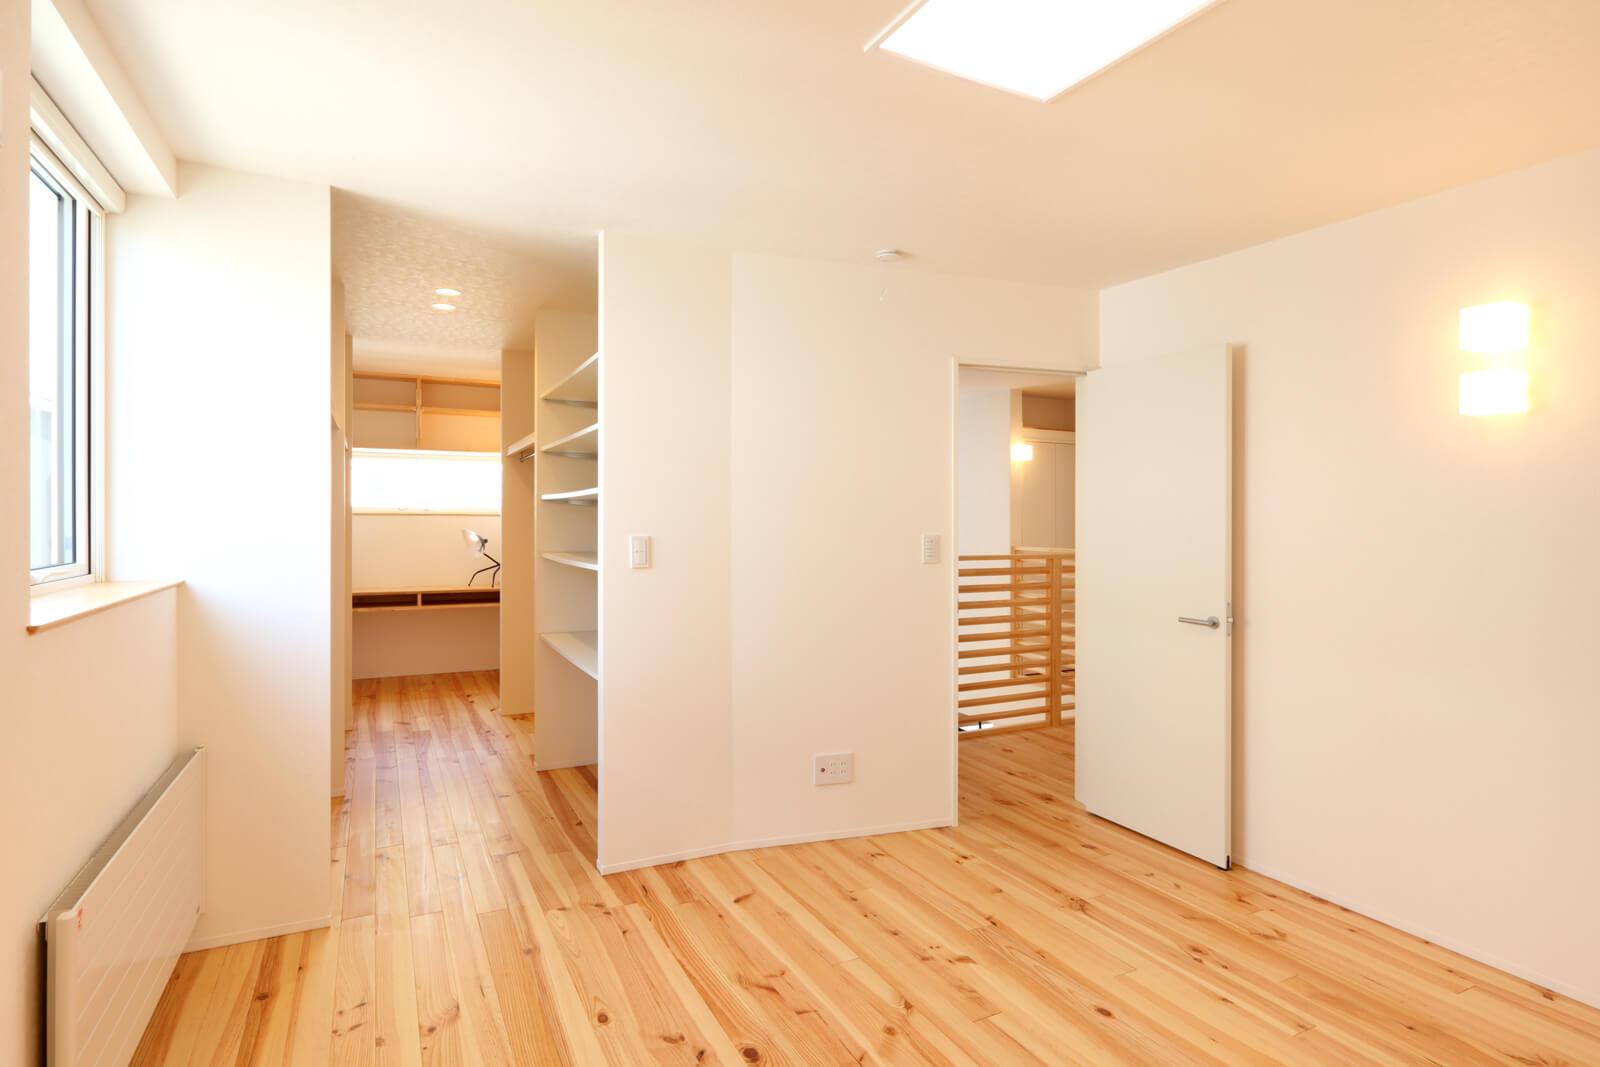 2階寝室と大容量のウォークインクローゼット。床材や壁材は家全体で同じ素材を使い、コストを抑えつつ見た目にも美しい仕上がりに。寝室のウォークインクローゼットの先には、あえて奥まった場所に設けた隠れ場のような書斎。ここにも収納がたっぷり